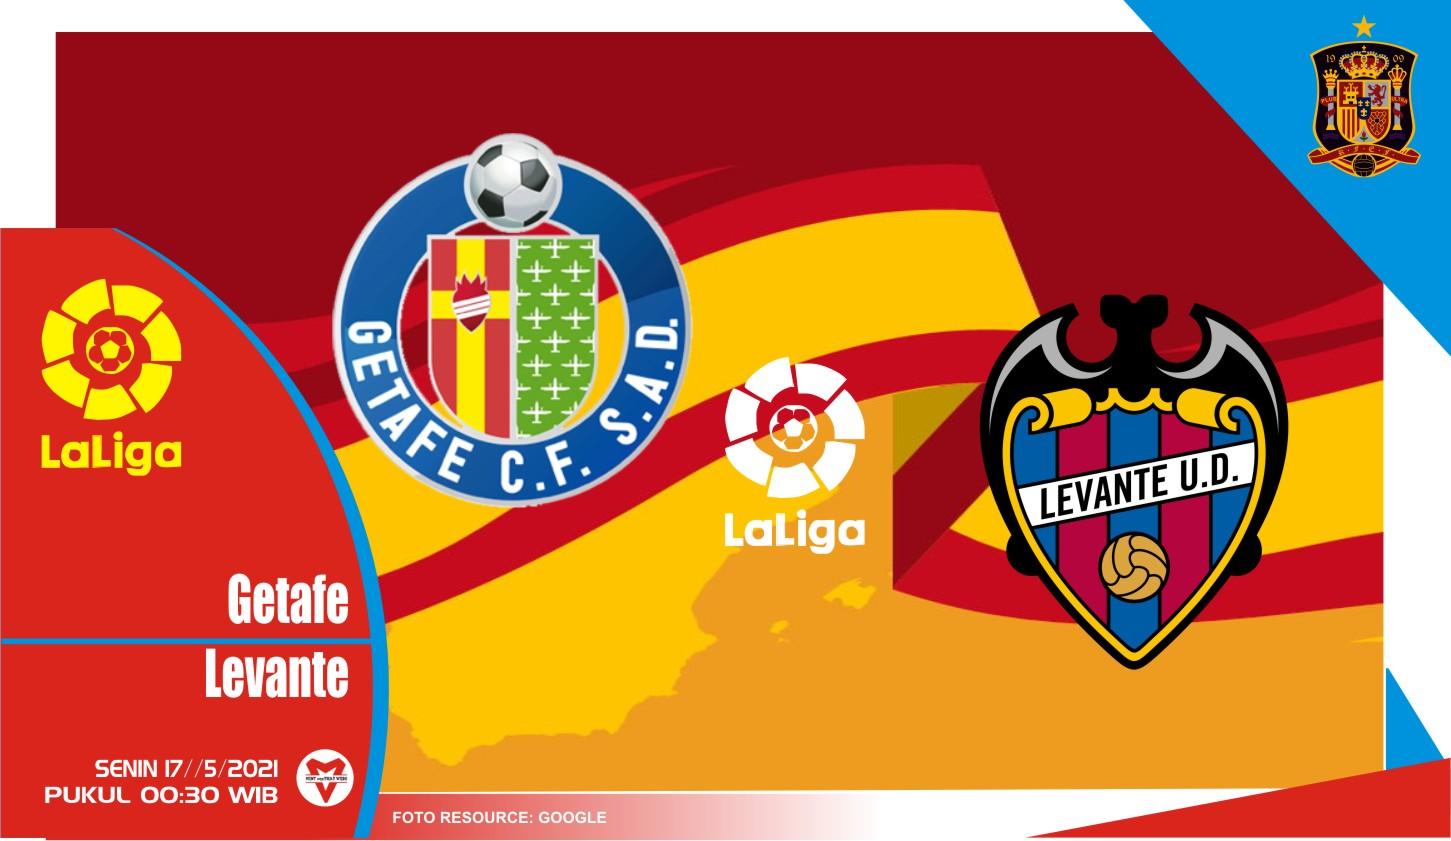 Getafe vs Levante, Prediksi Liga Spanyol 17 Mei 2021